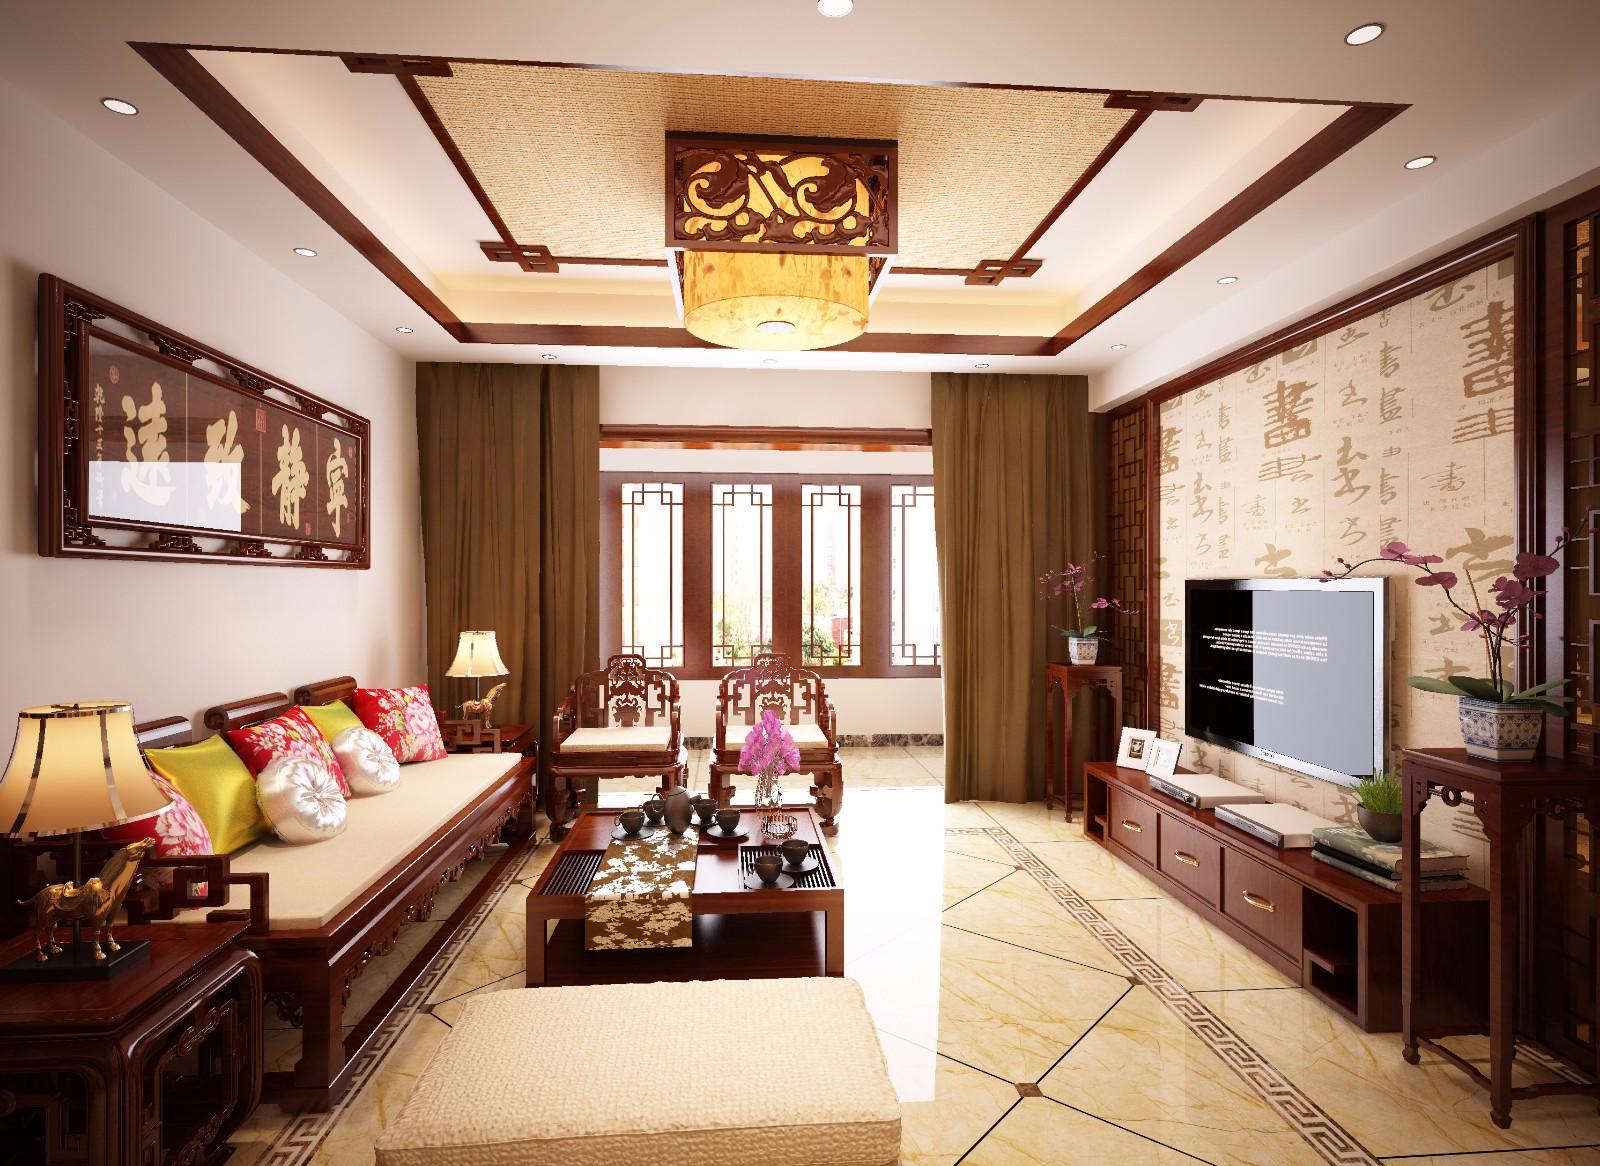 3室2衛2廳160平米中式風格